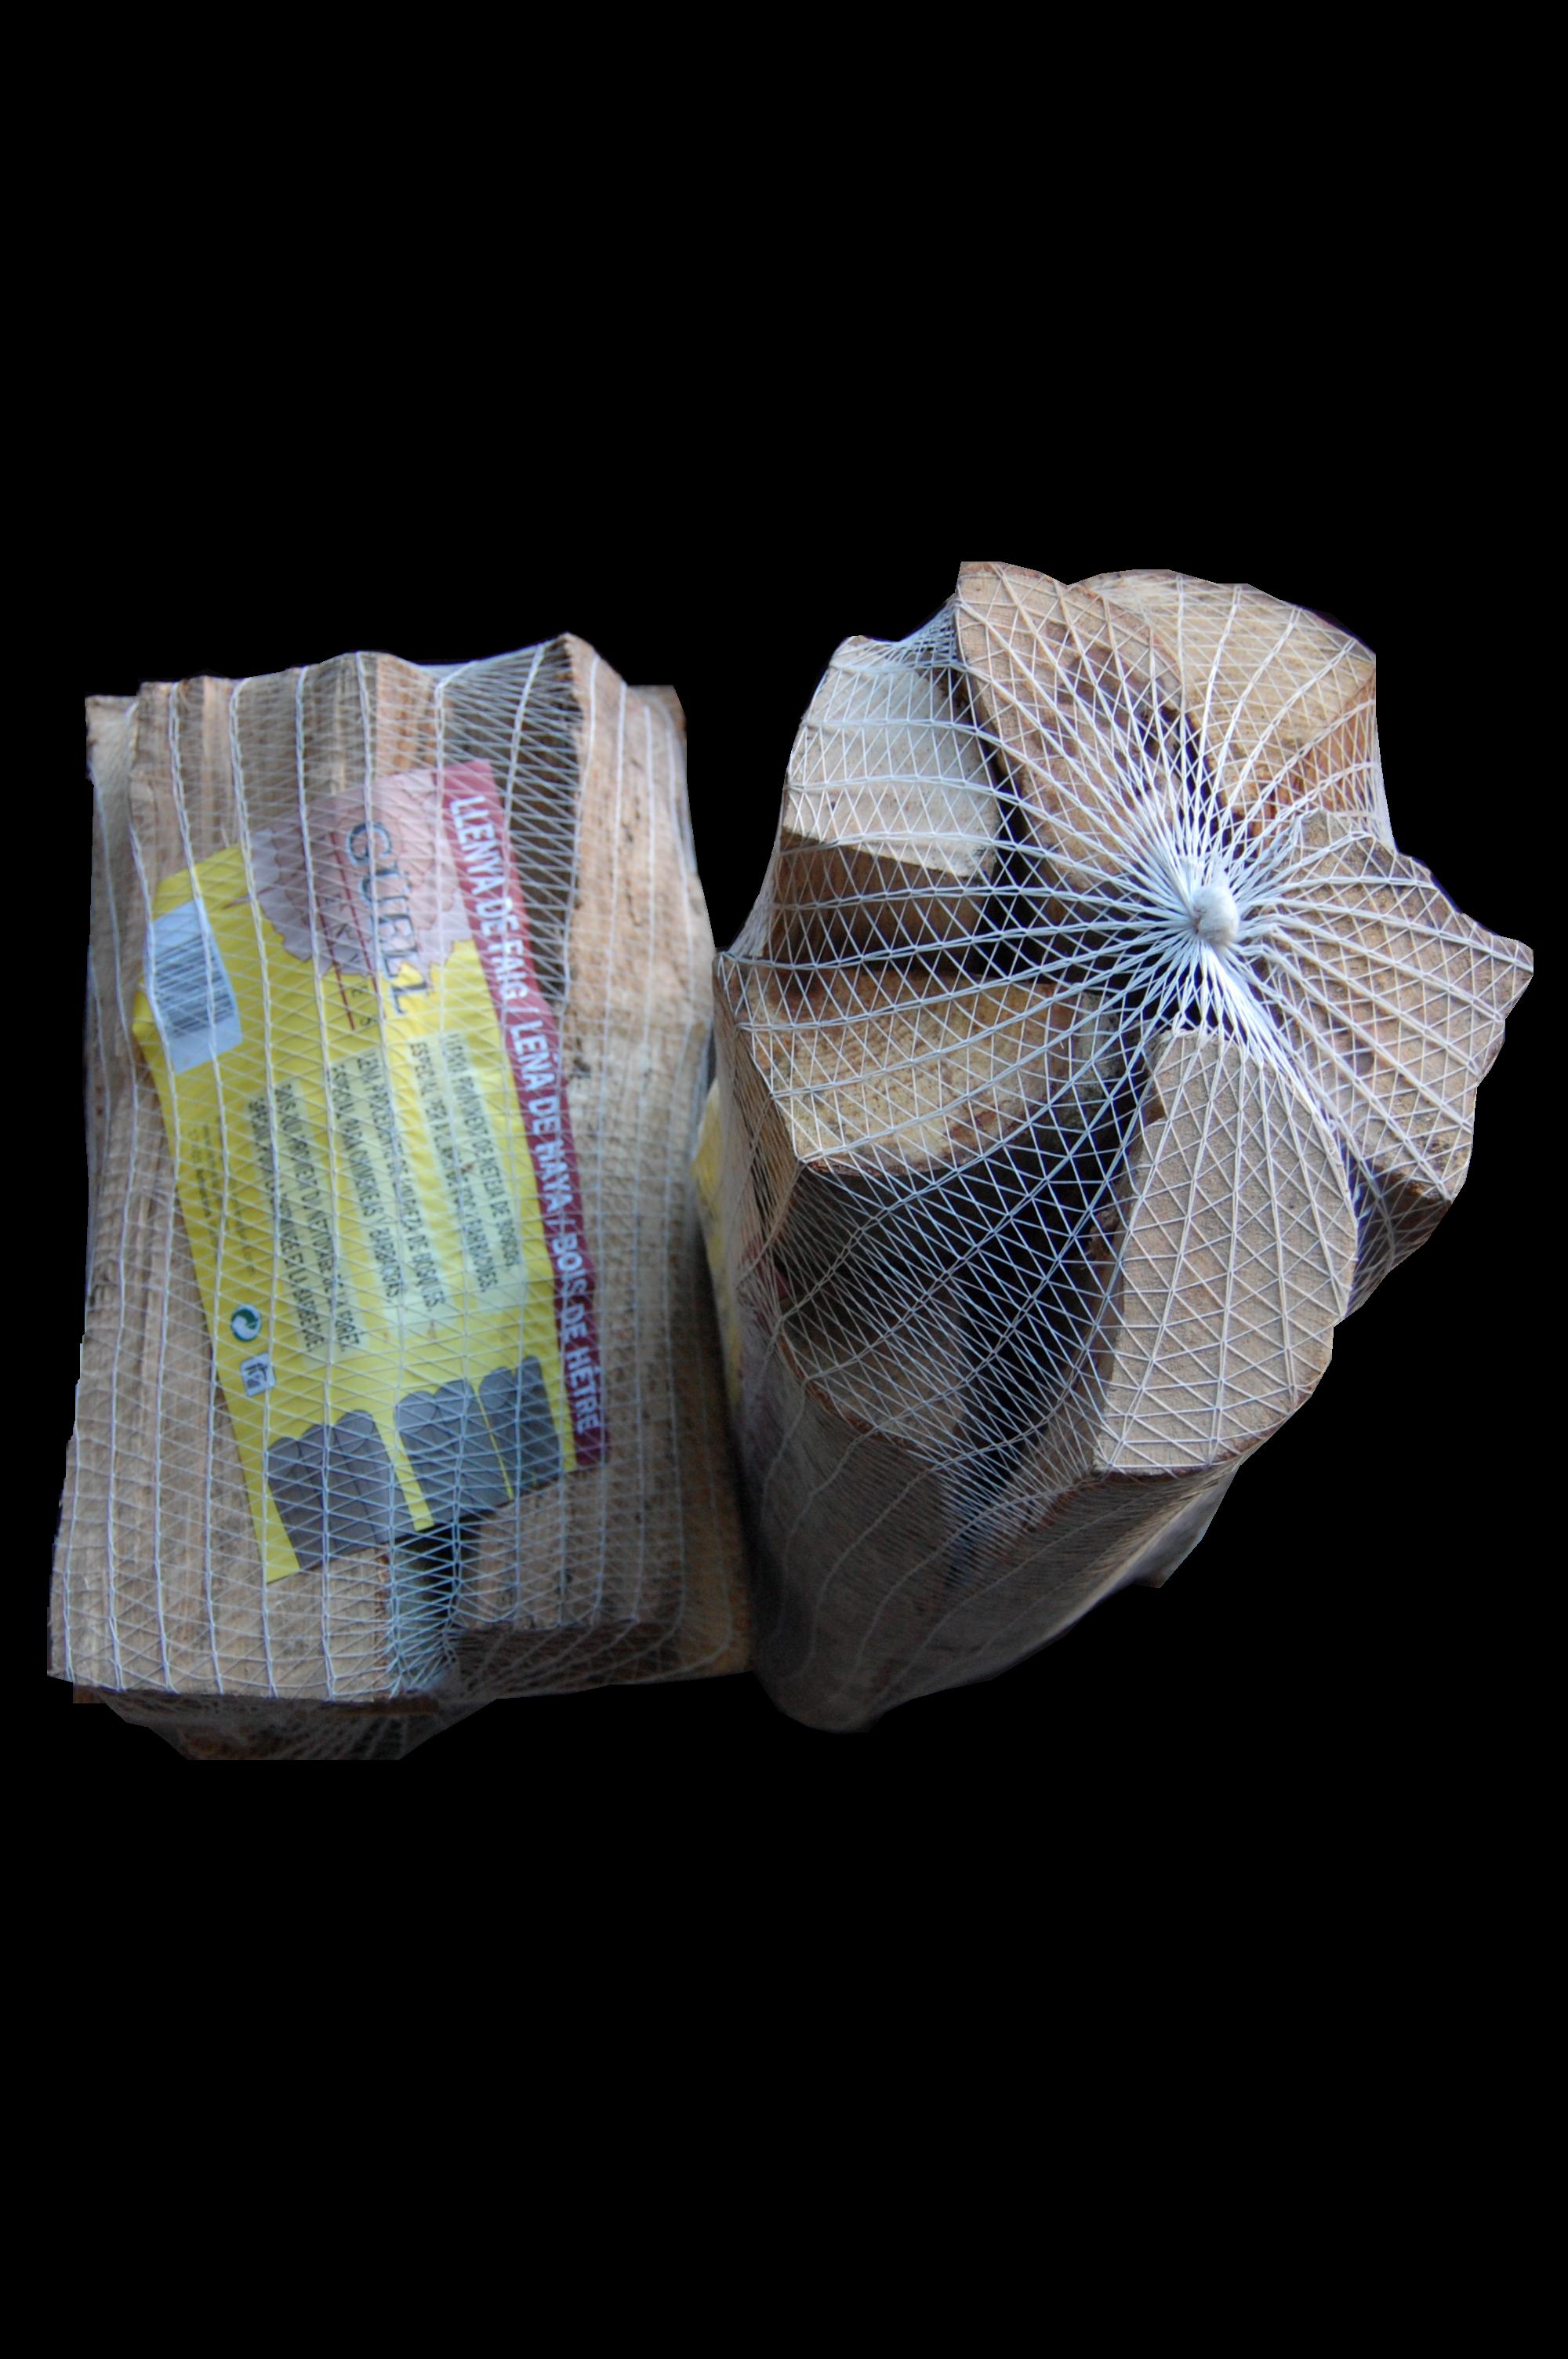 Paquet de faig i freixe